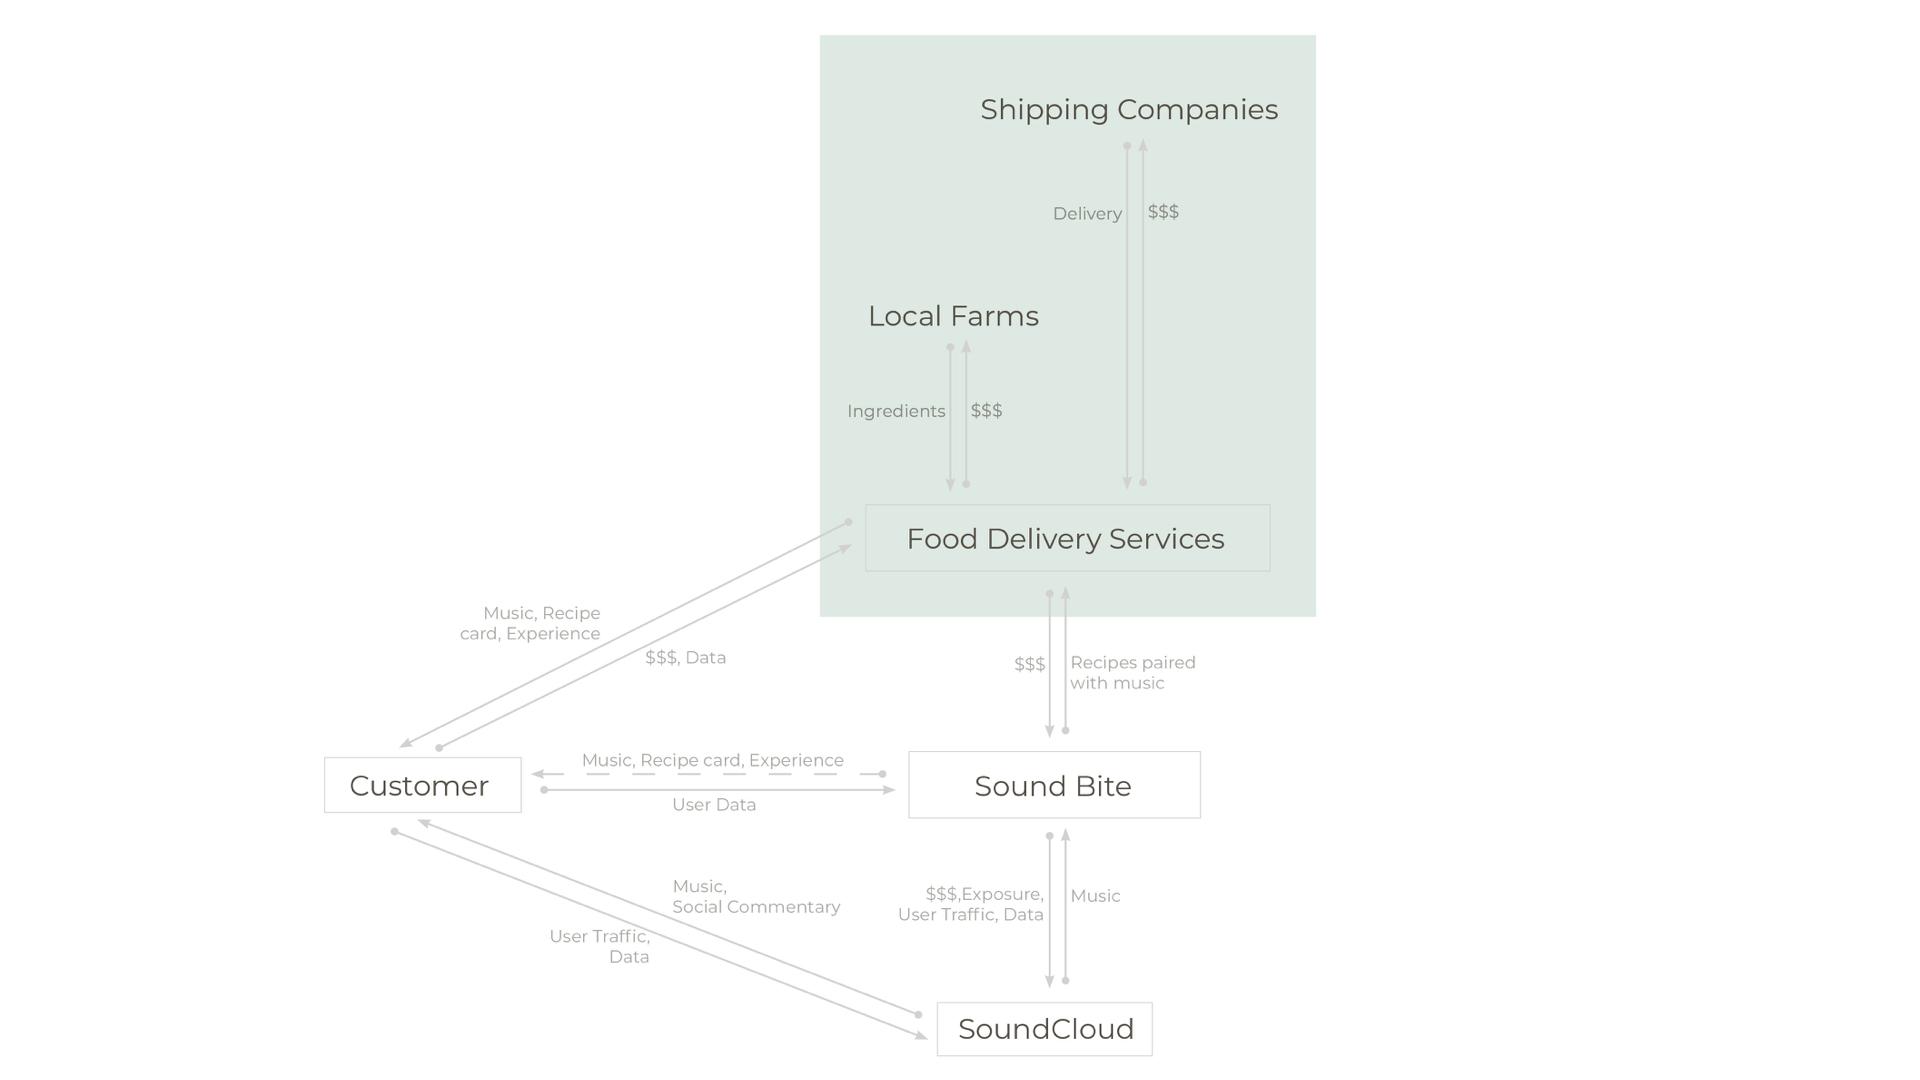 SoundBite value flow